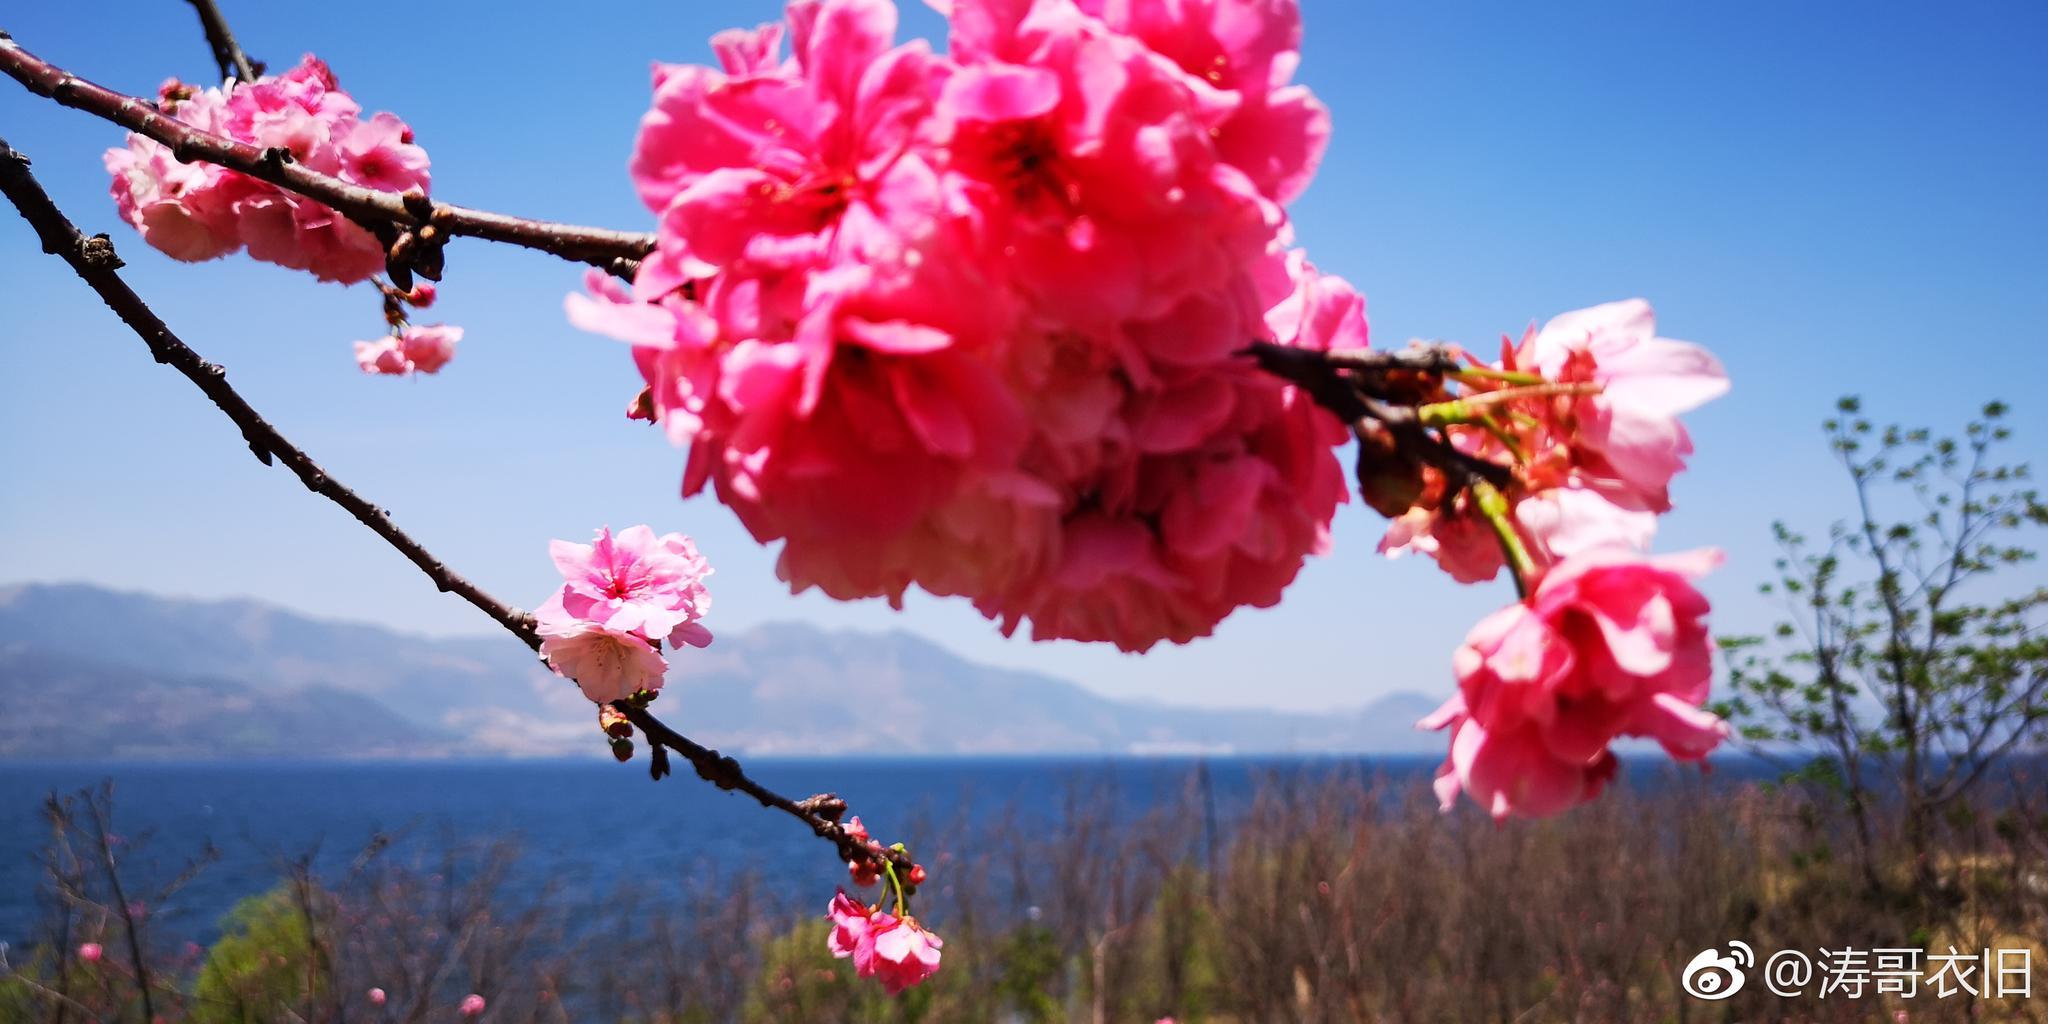 抚仙湖世家樱花节